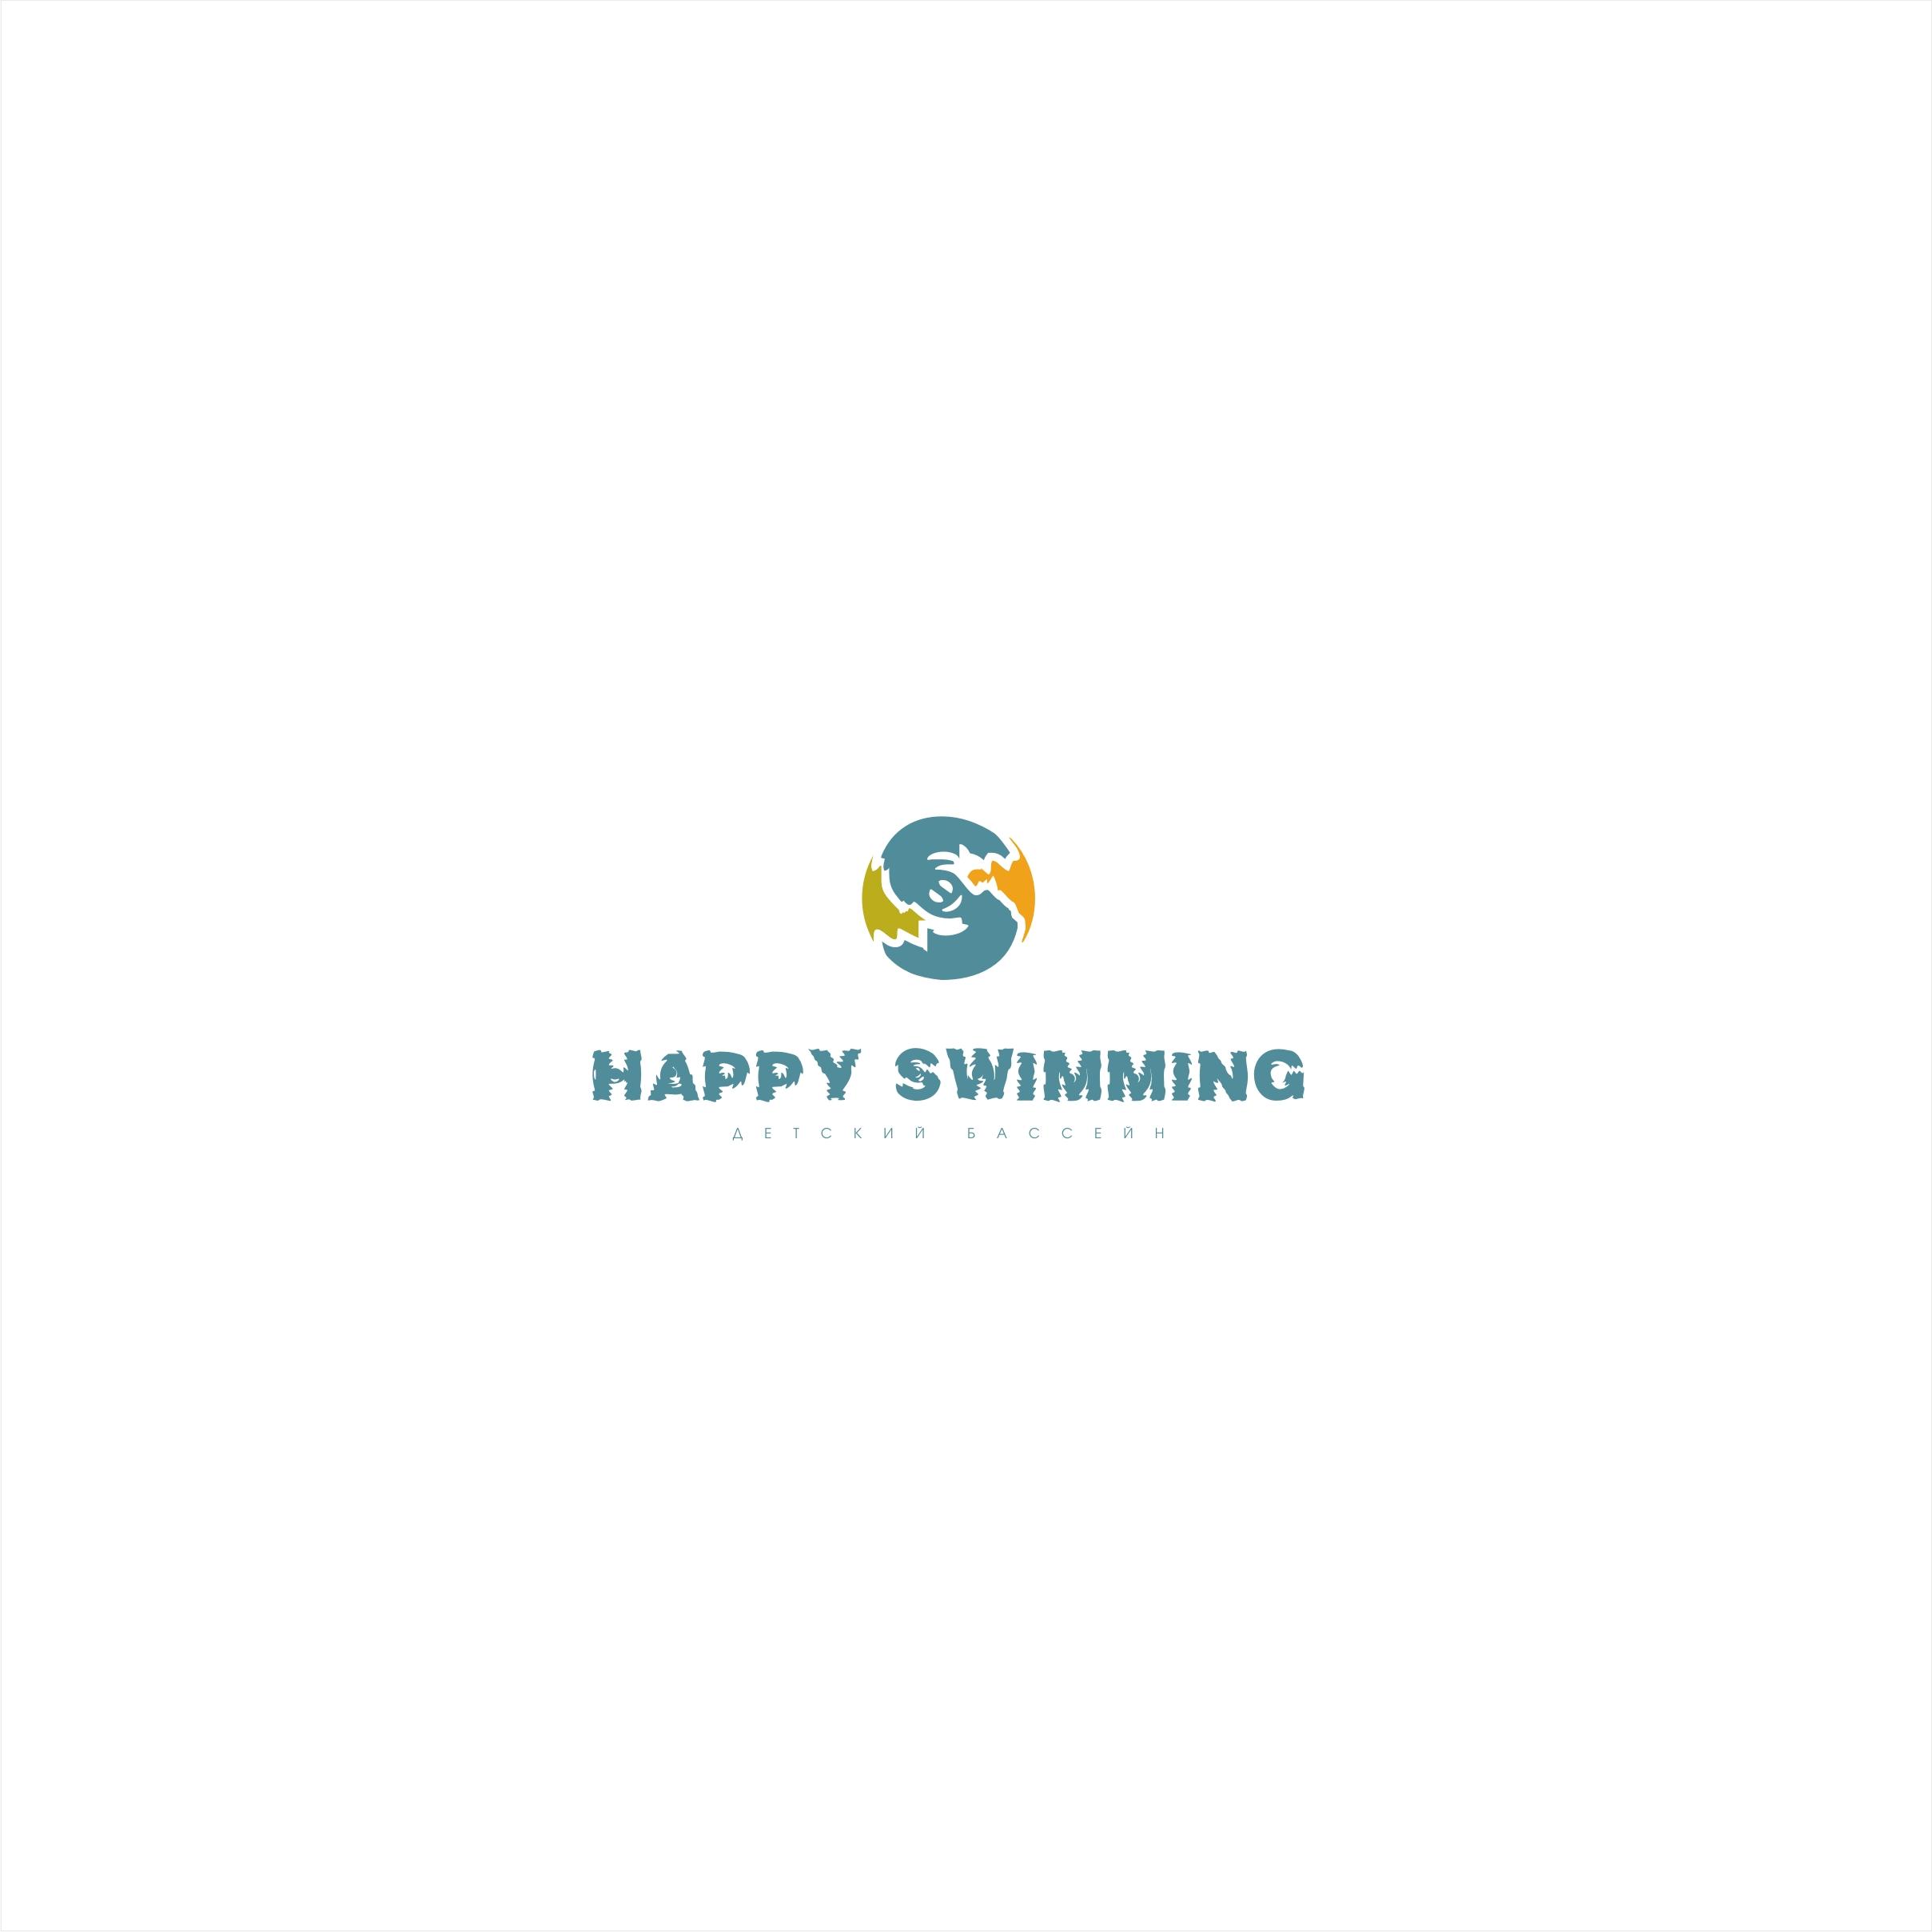 Логотип для  детского бассейна. фото f_4055c73c506c05e2.jpg